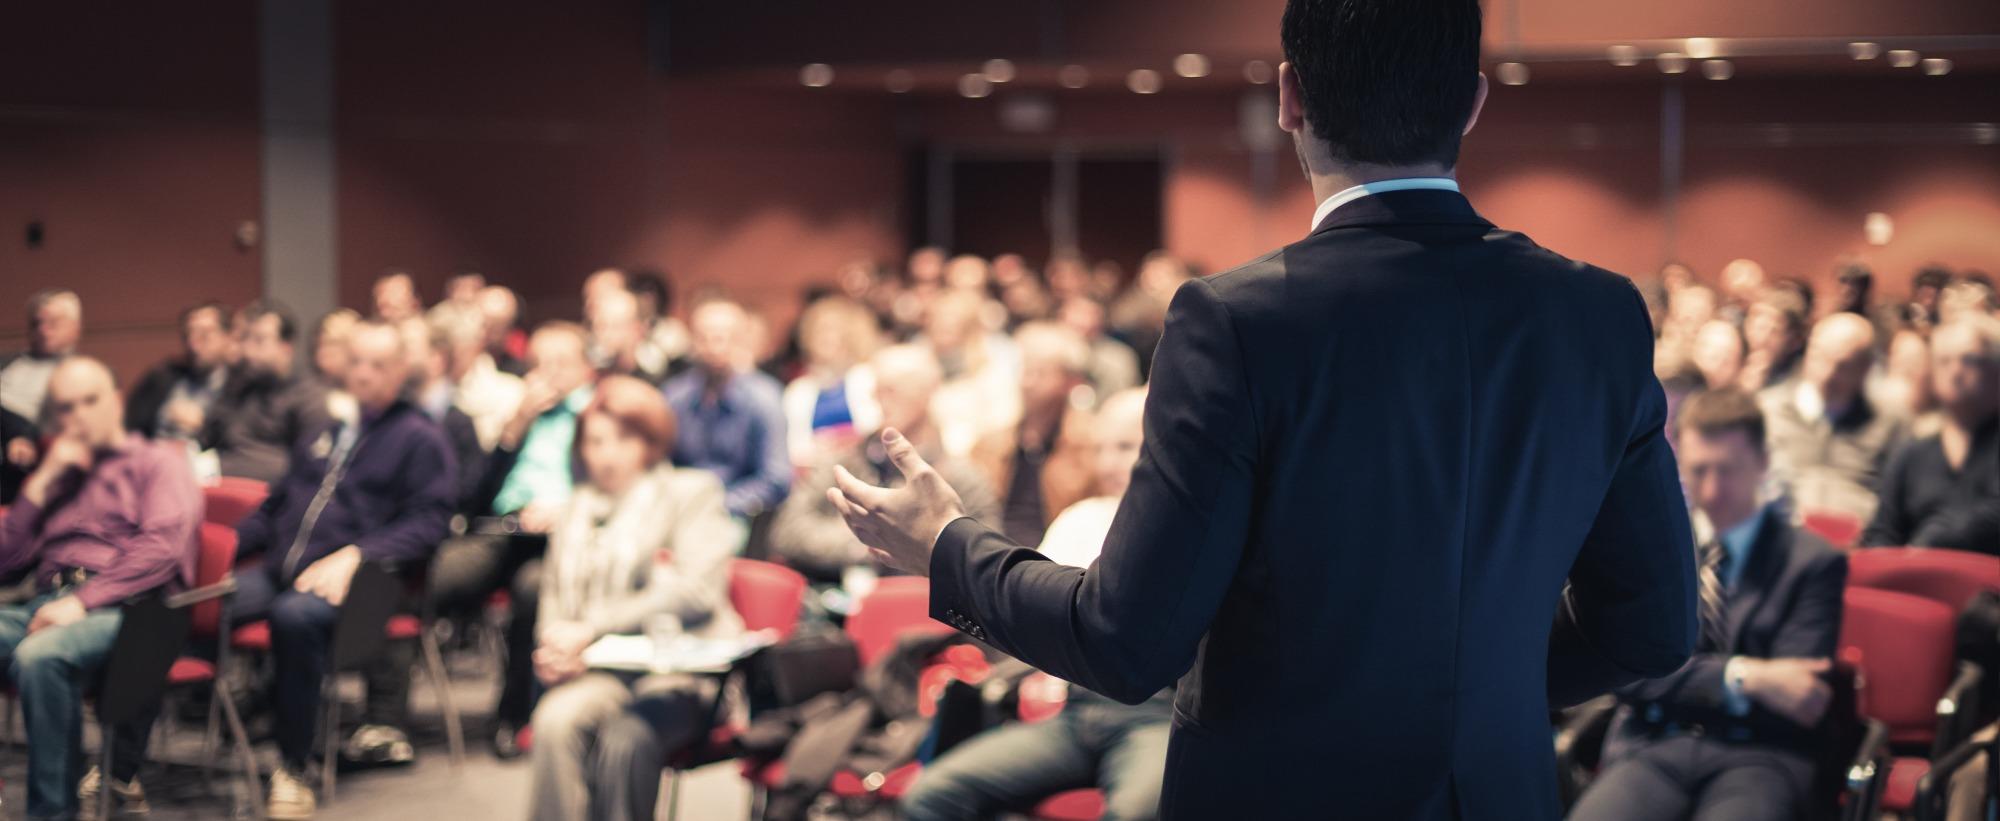 Vue de dos d'un homme en train de présenter des informations à un auditoire